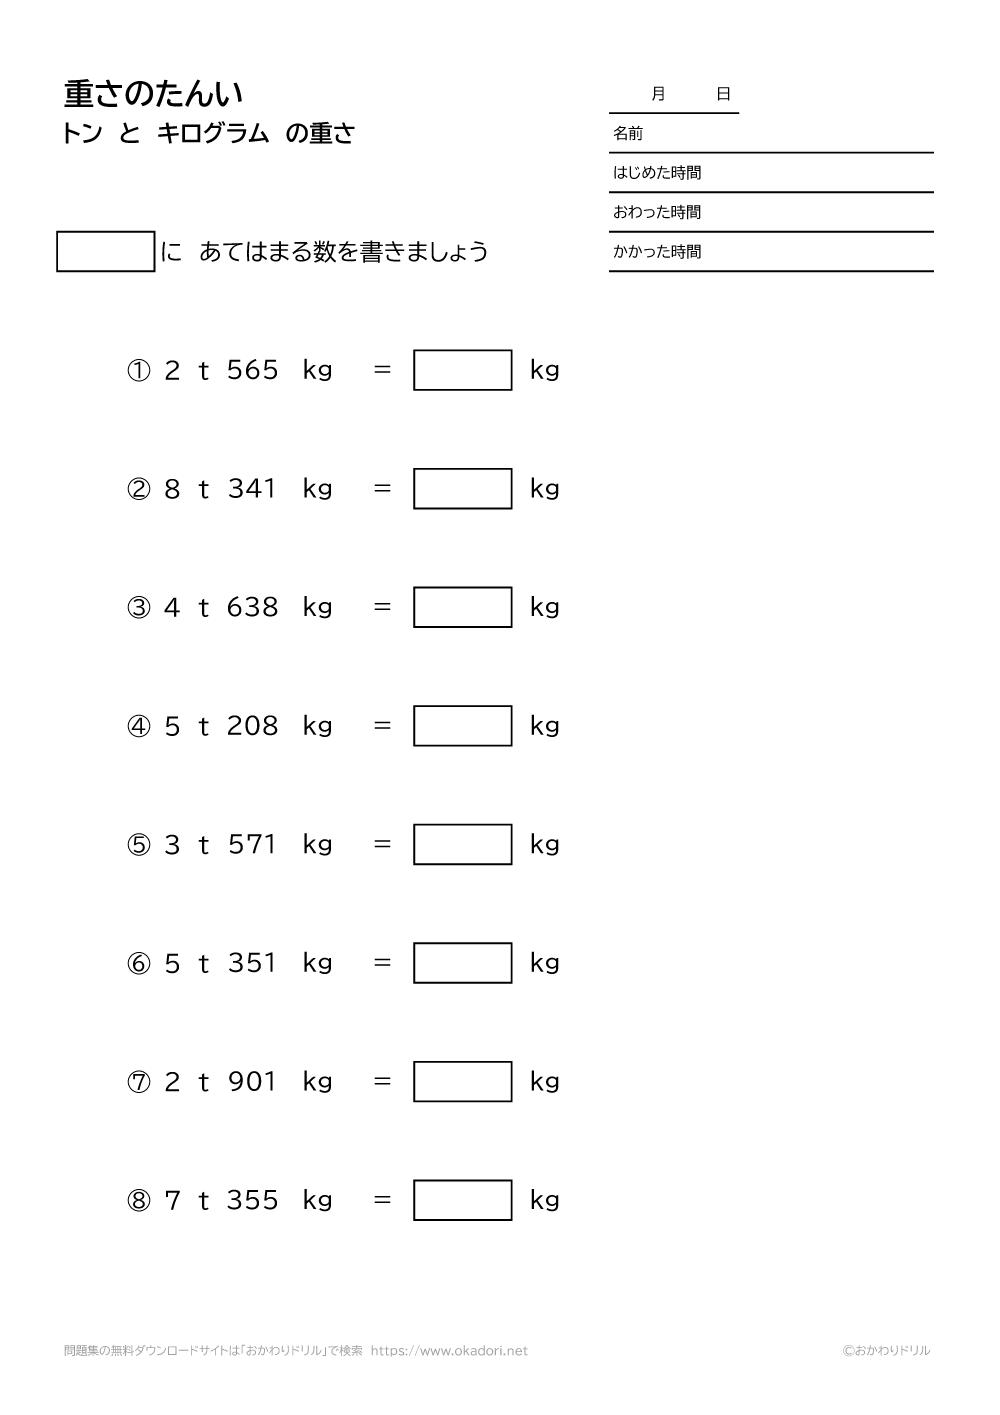 トンとキログラムの重さの単位-2-6